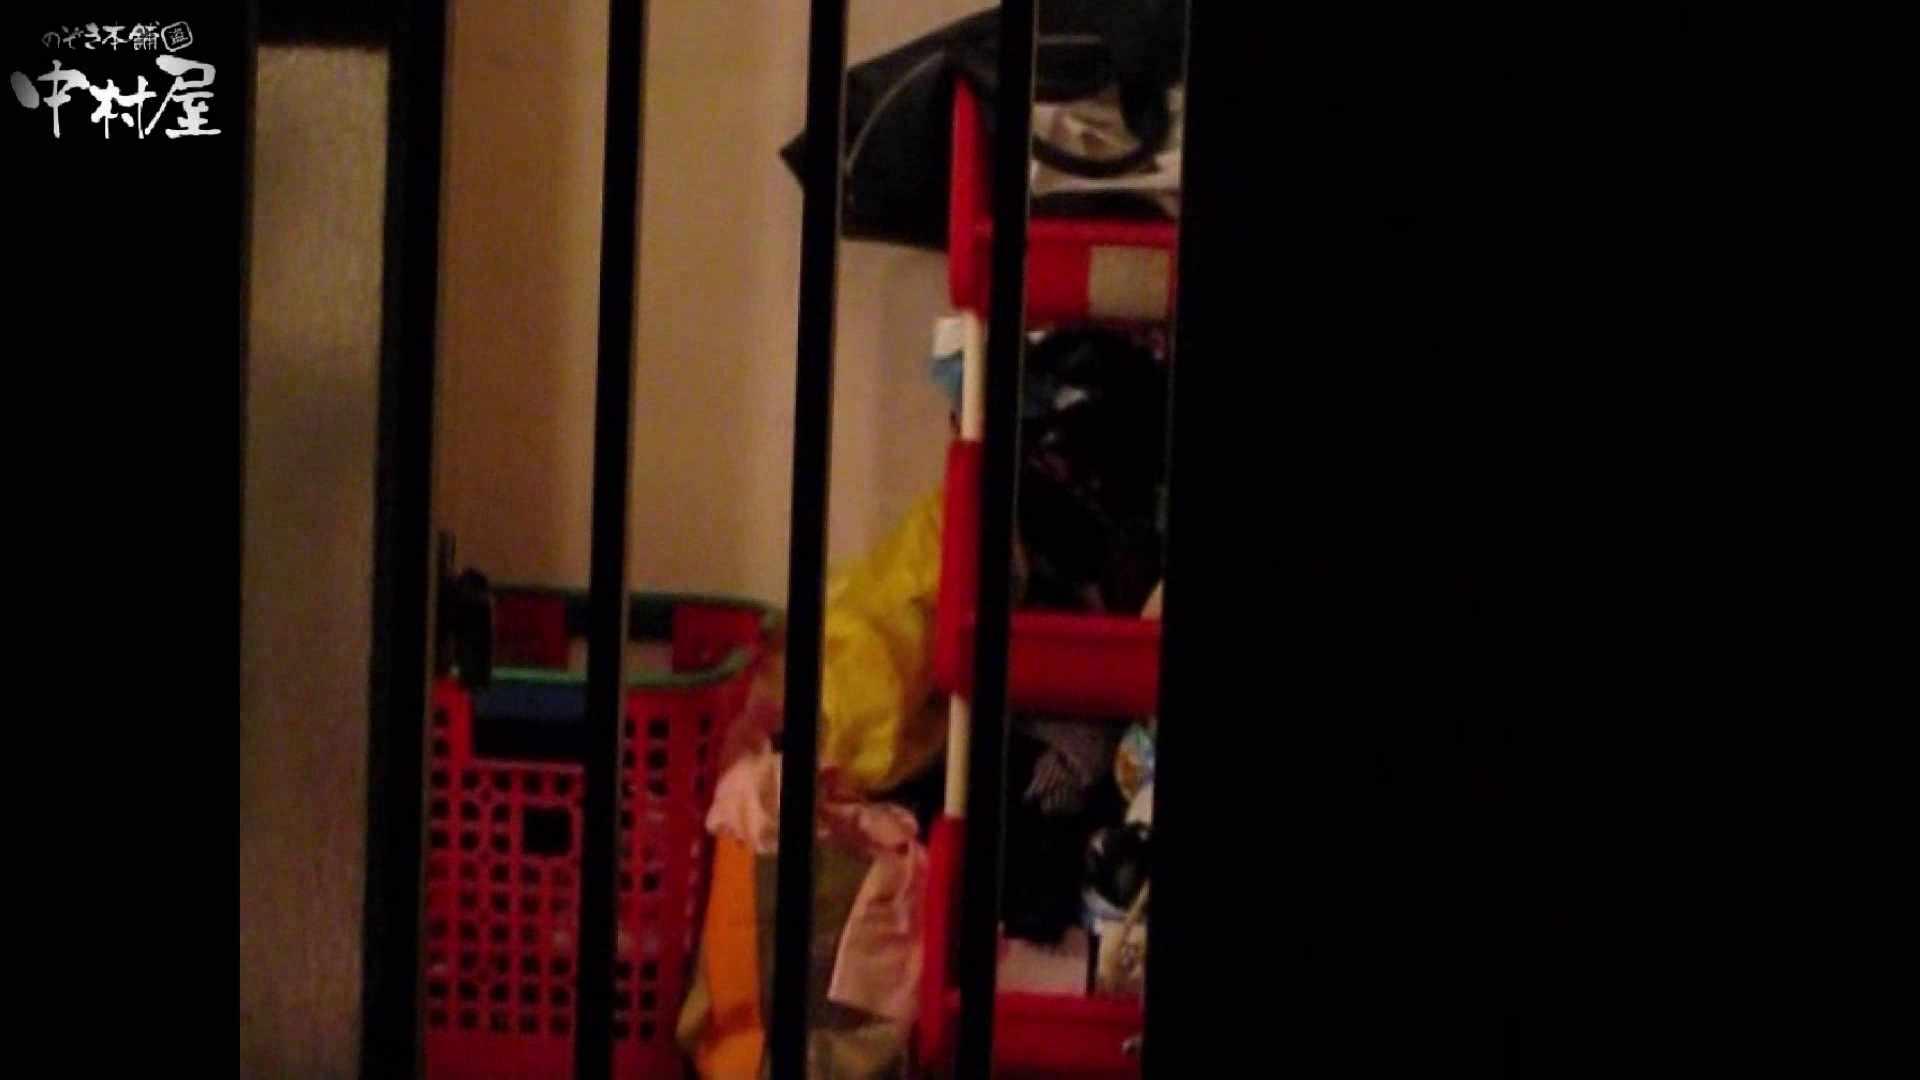 民家風呂専門盗撮師の超危険映像 vol.003 エロい美少女 AV無料動画キャプチャ 76PIX 39